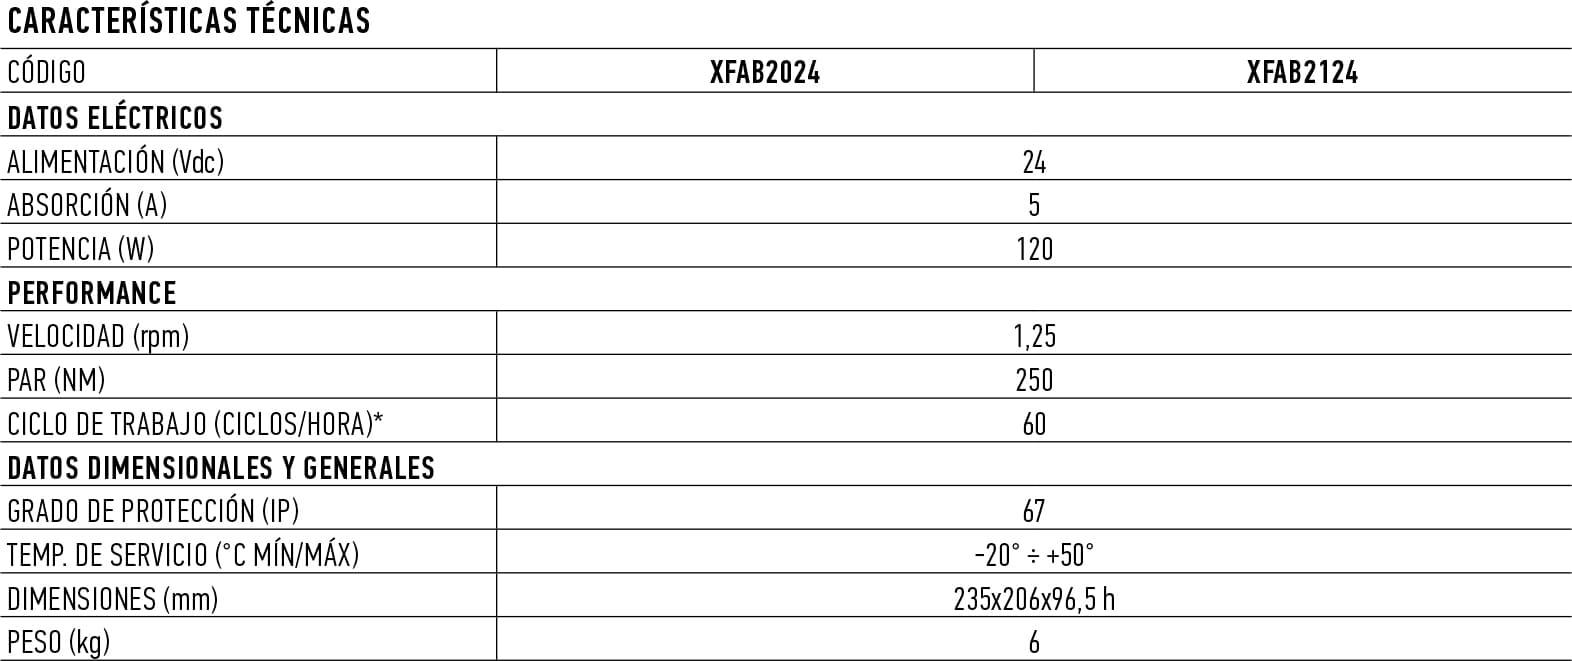 xfab2024-2124